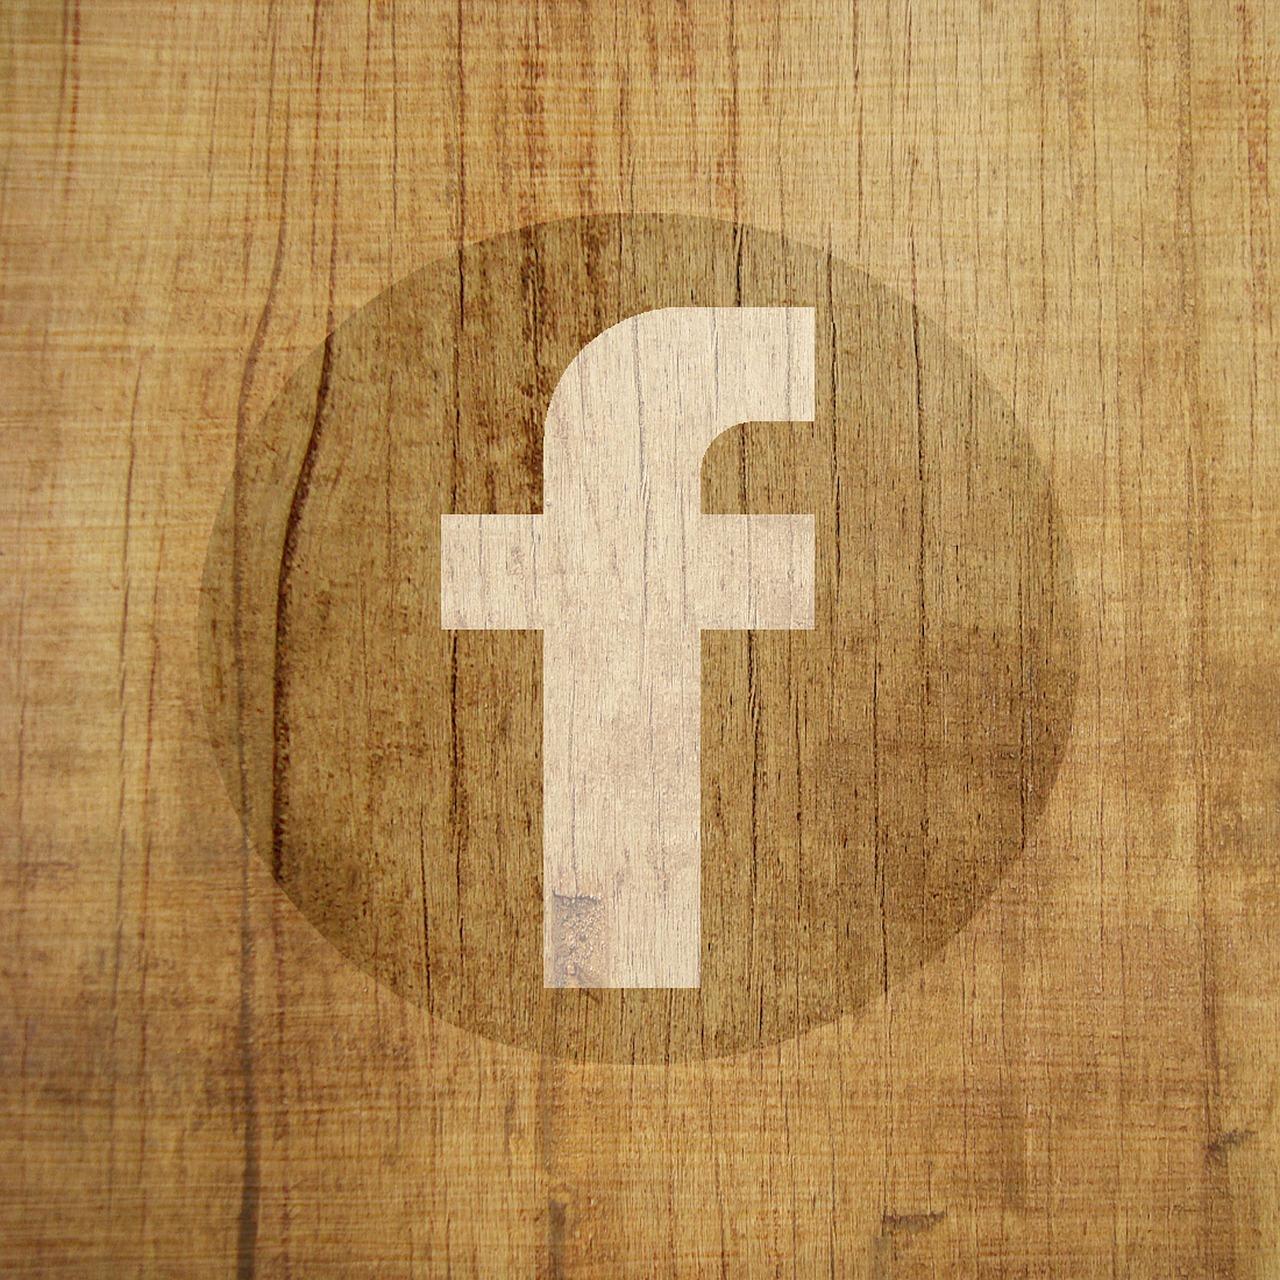 Eva-Maria Eleni auf Facebook